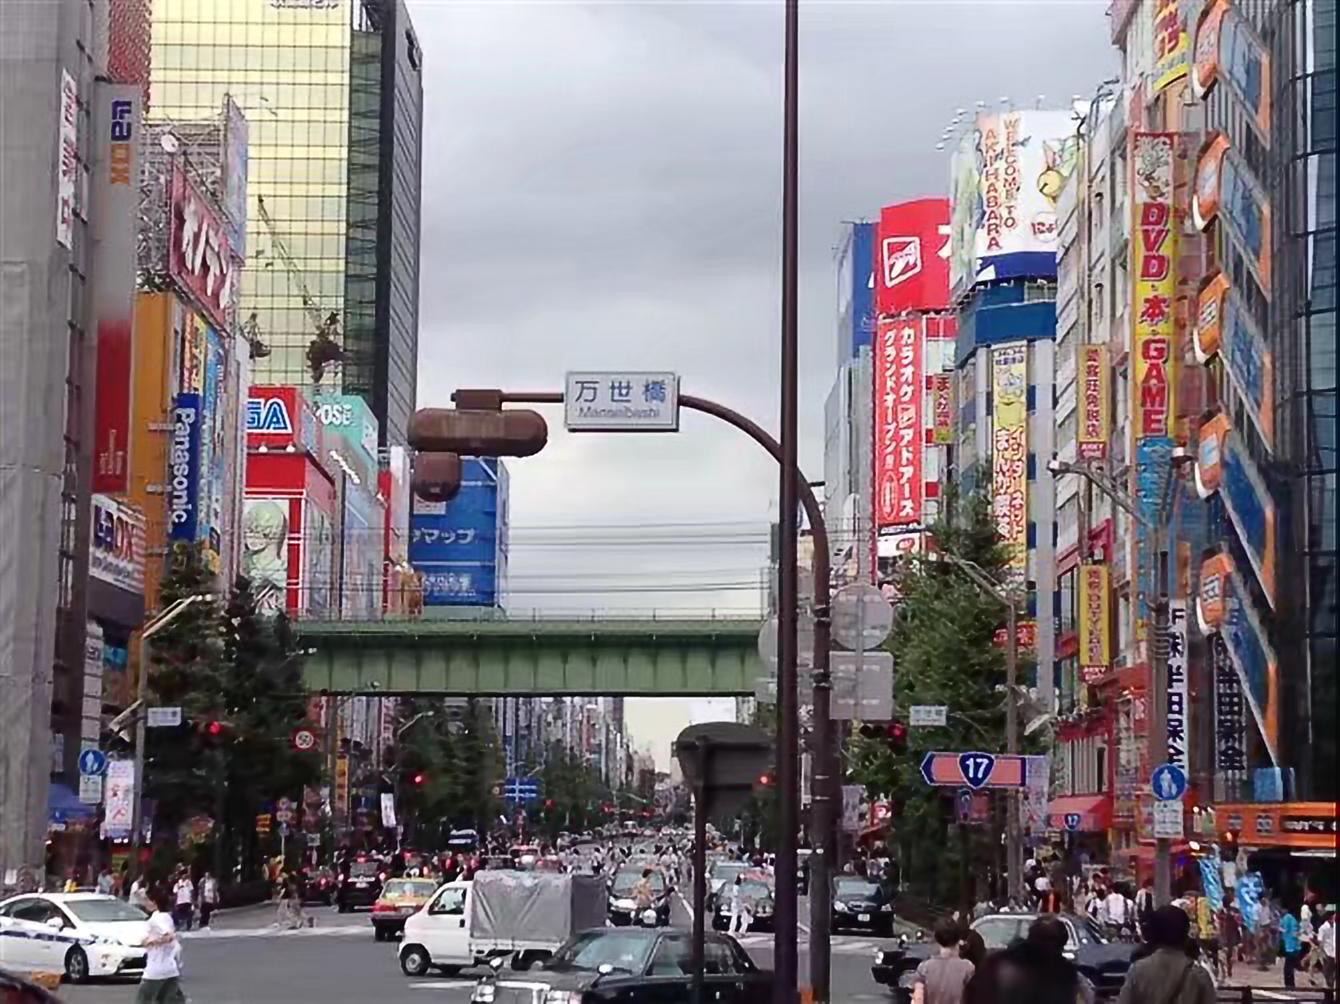 日本留学出行指南,看了就少走弯路!